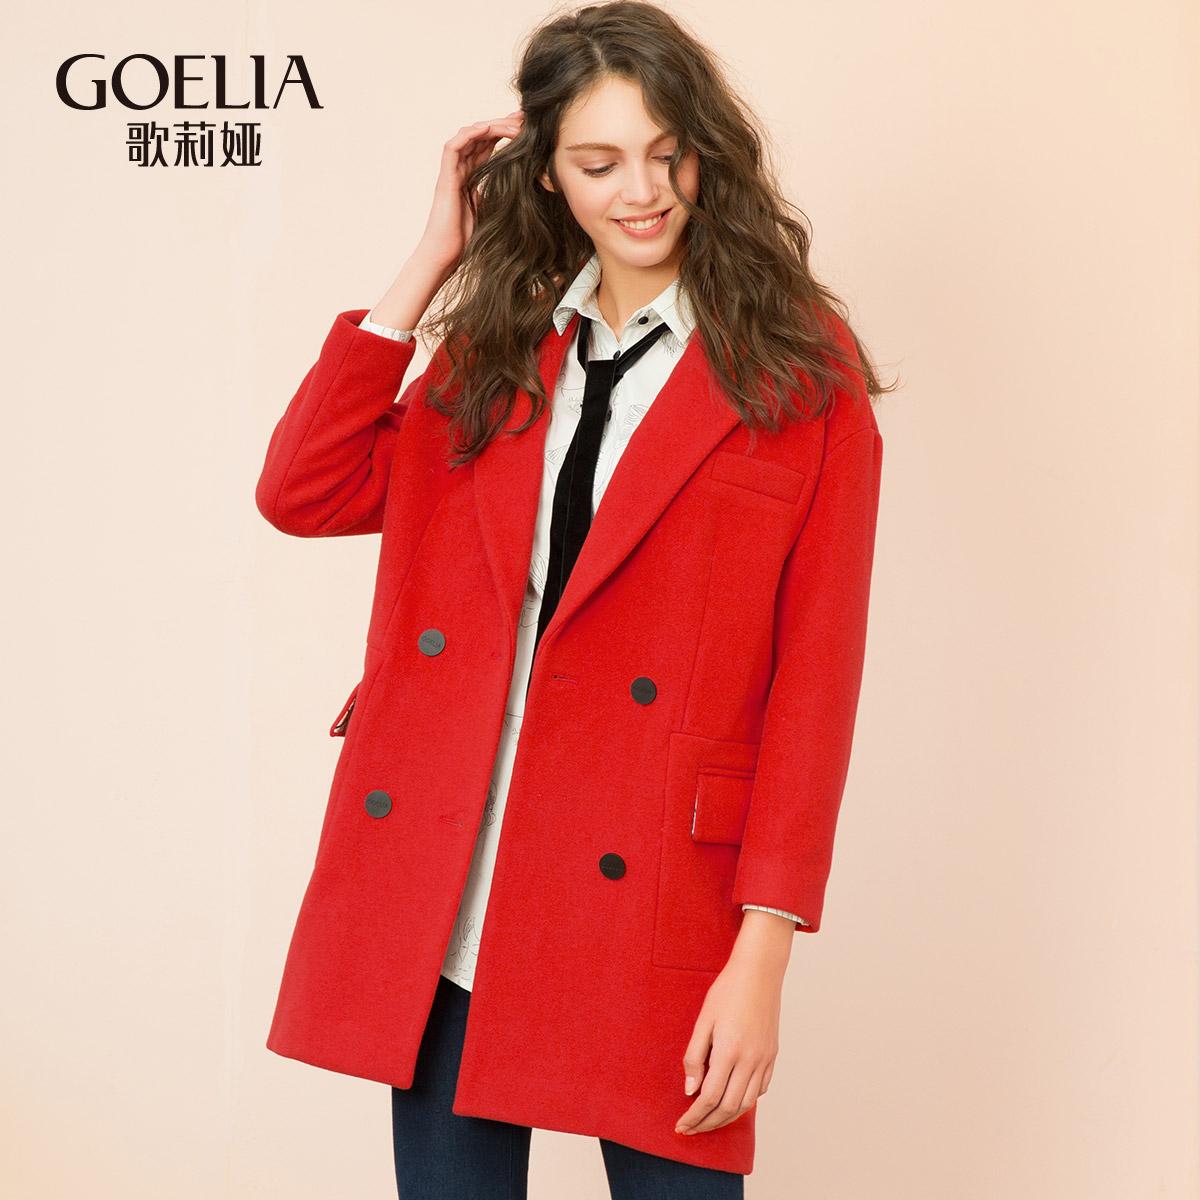 歌莉娅女装 GLORIA歌莉娅毛呢外套女双排扣中长修身大衣15CJ6E330_推荐淘宝好看的歌莉娅